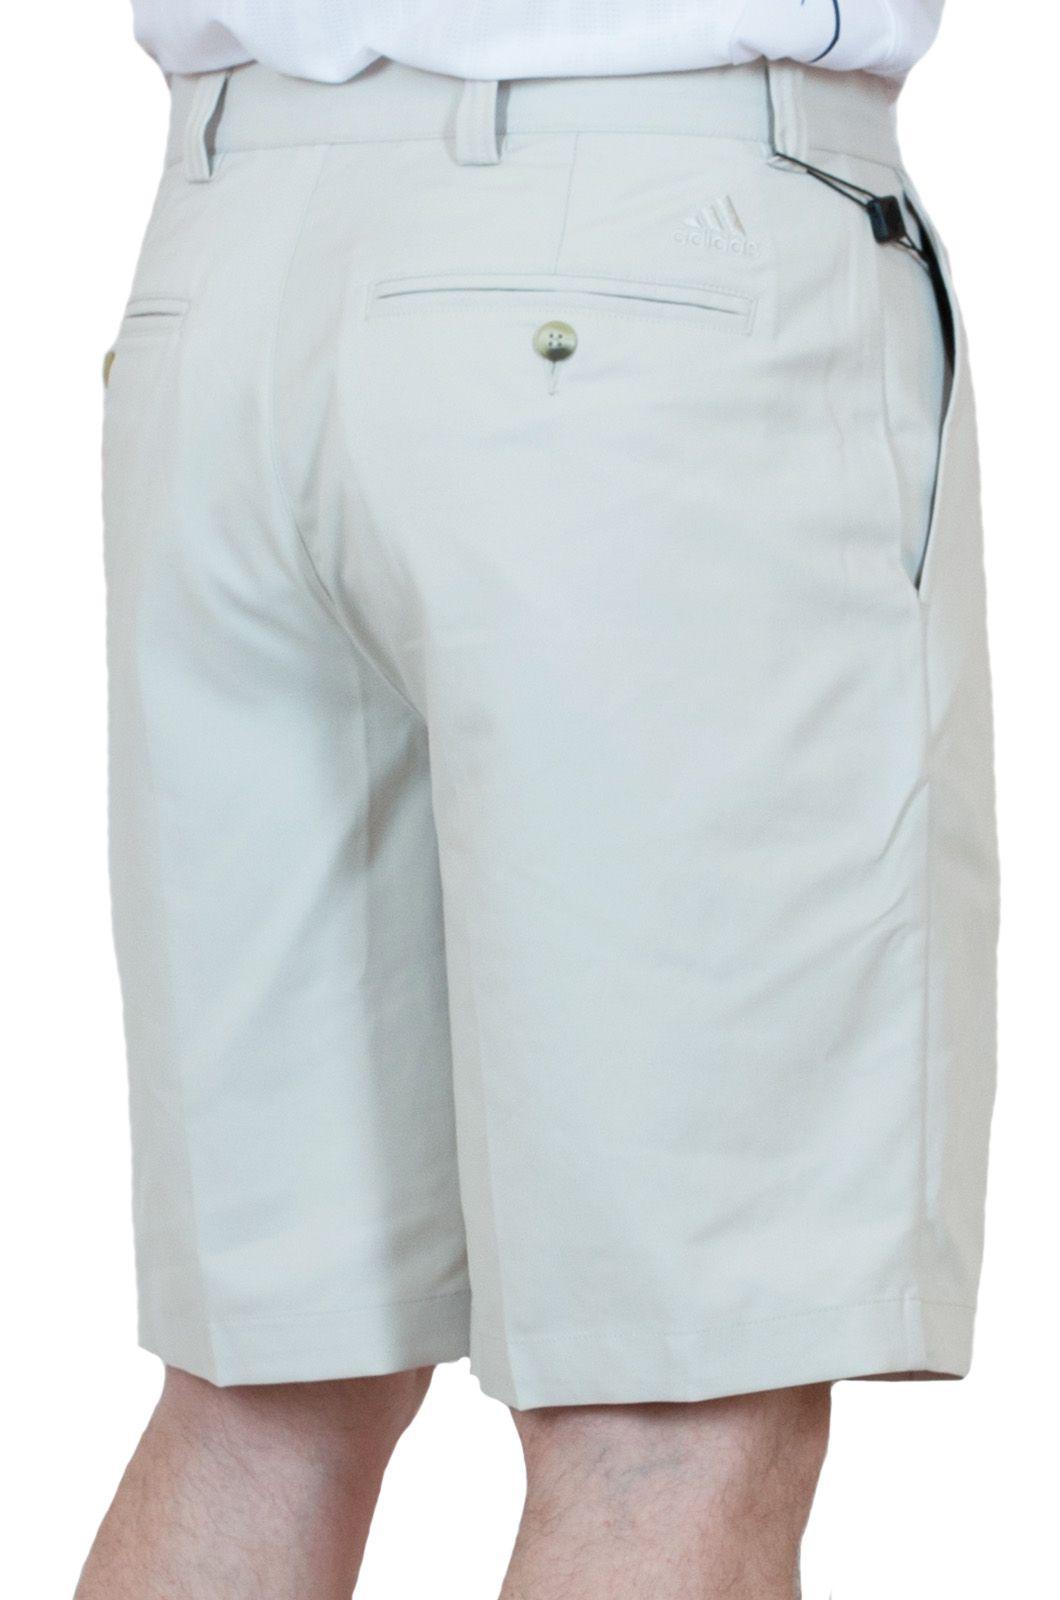 Легкие курортные шорты для мужчин - вид сзади